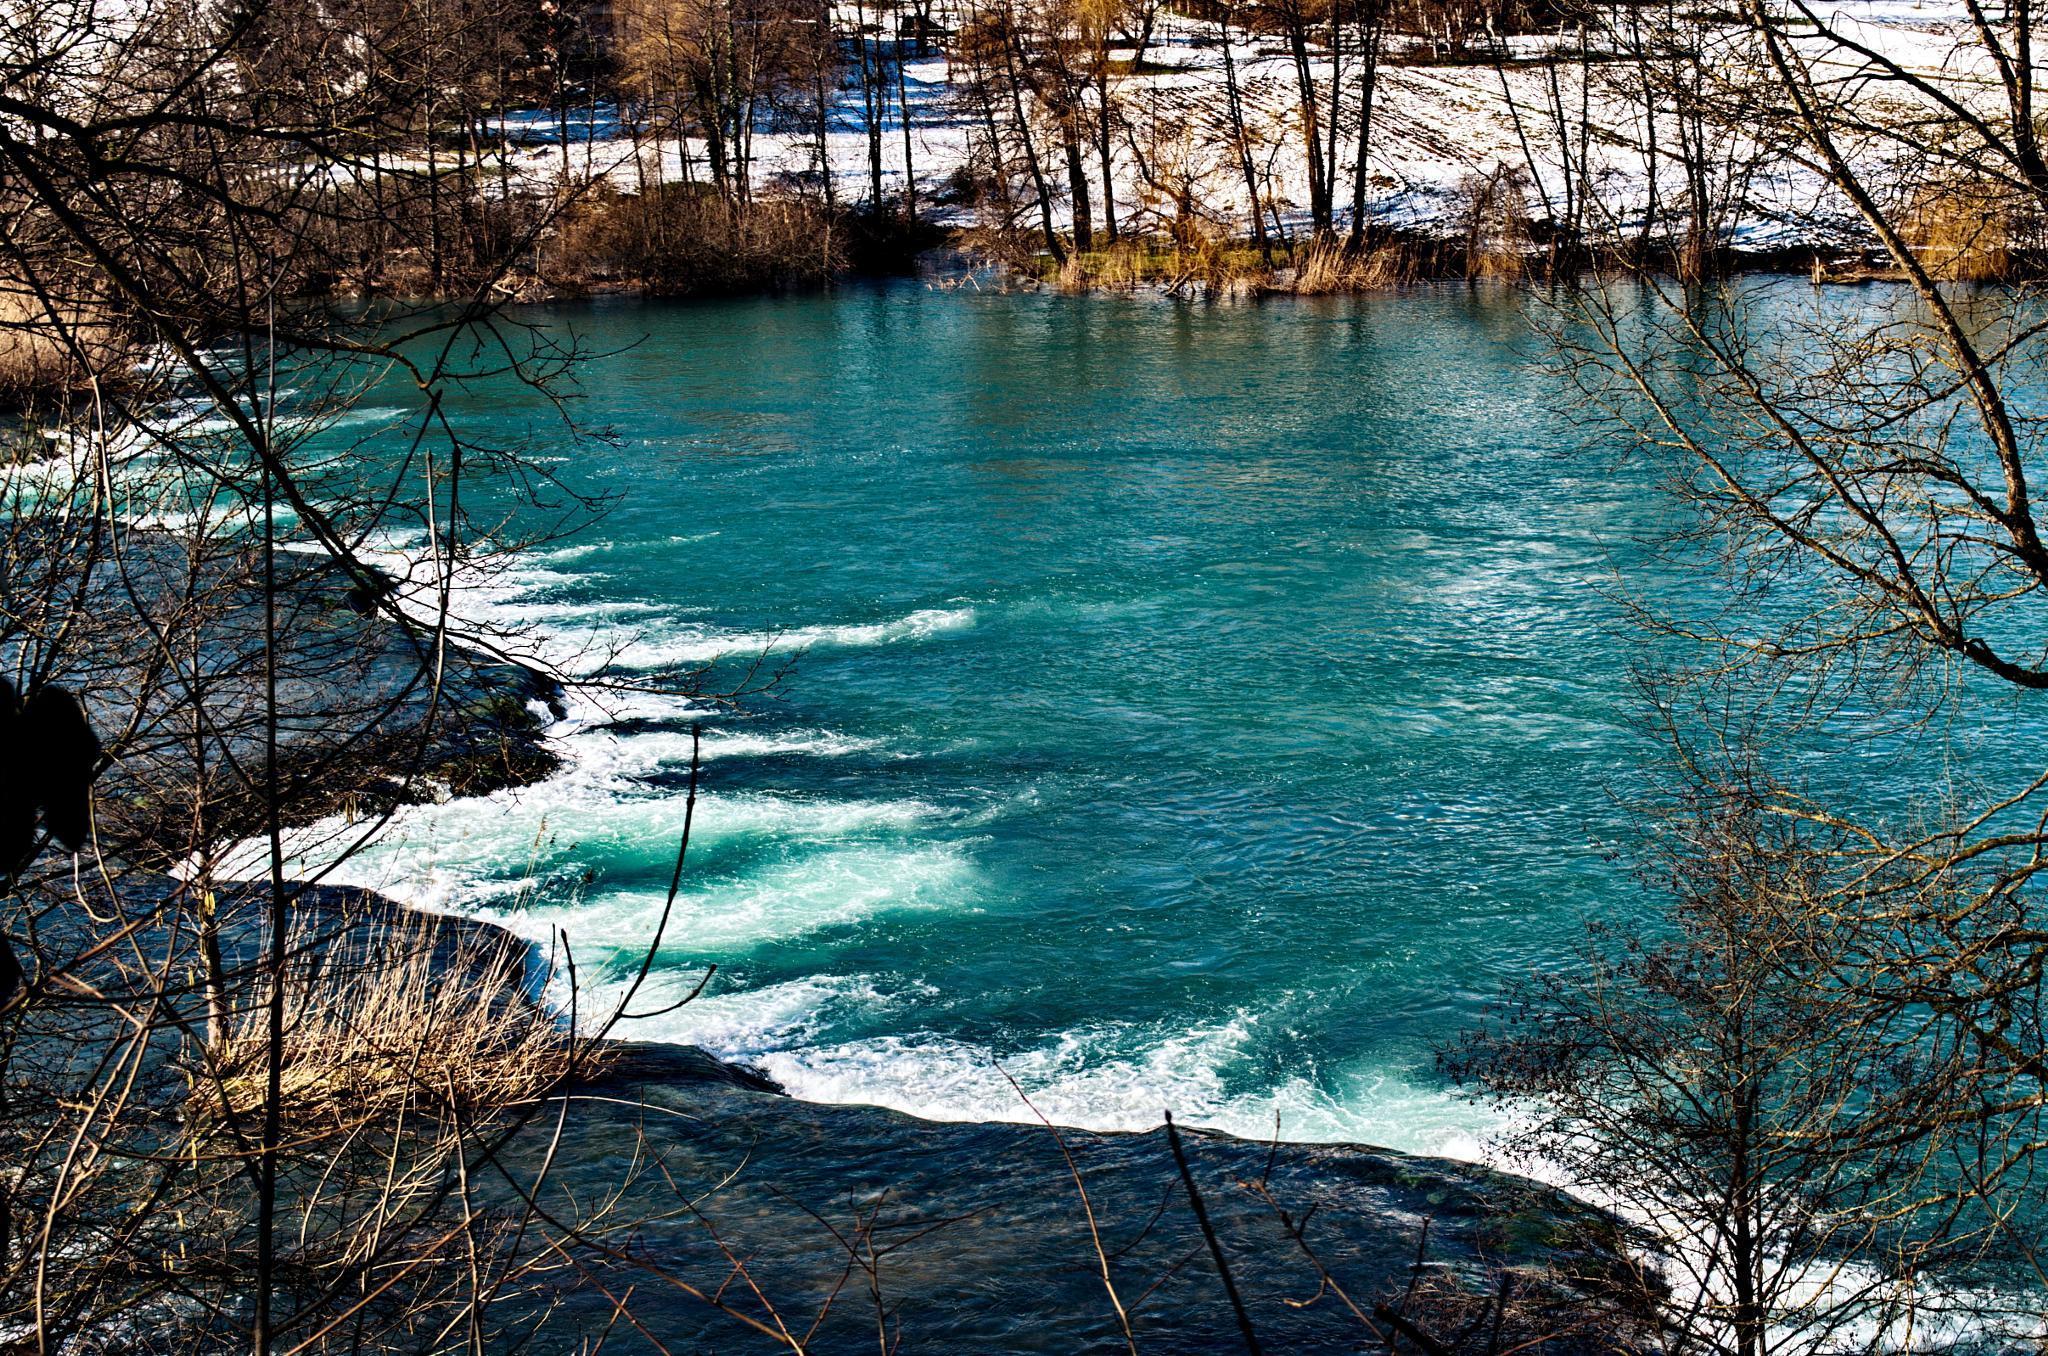 rijeka Mrežnica by Zdravko Sudac